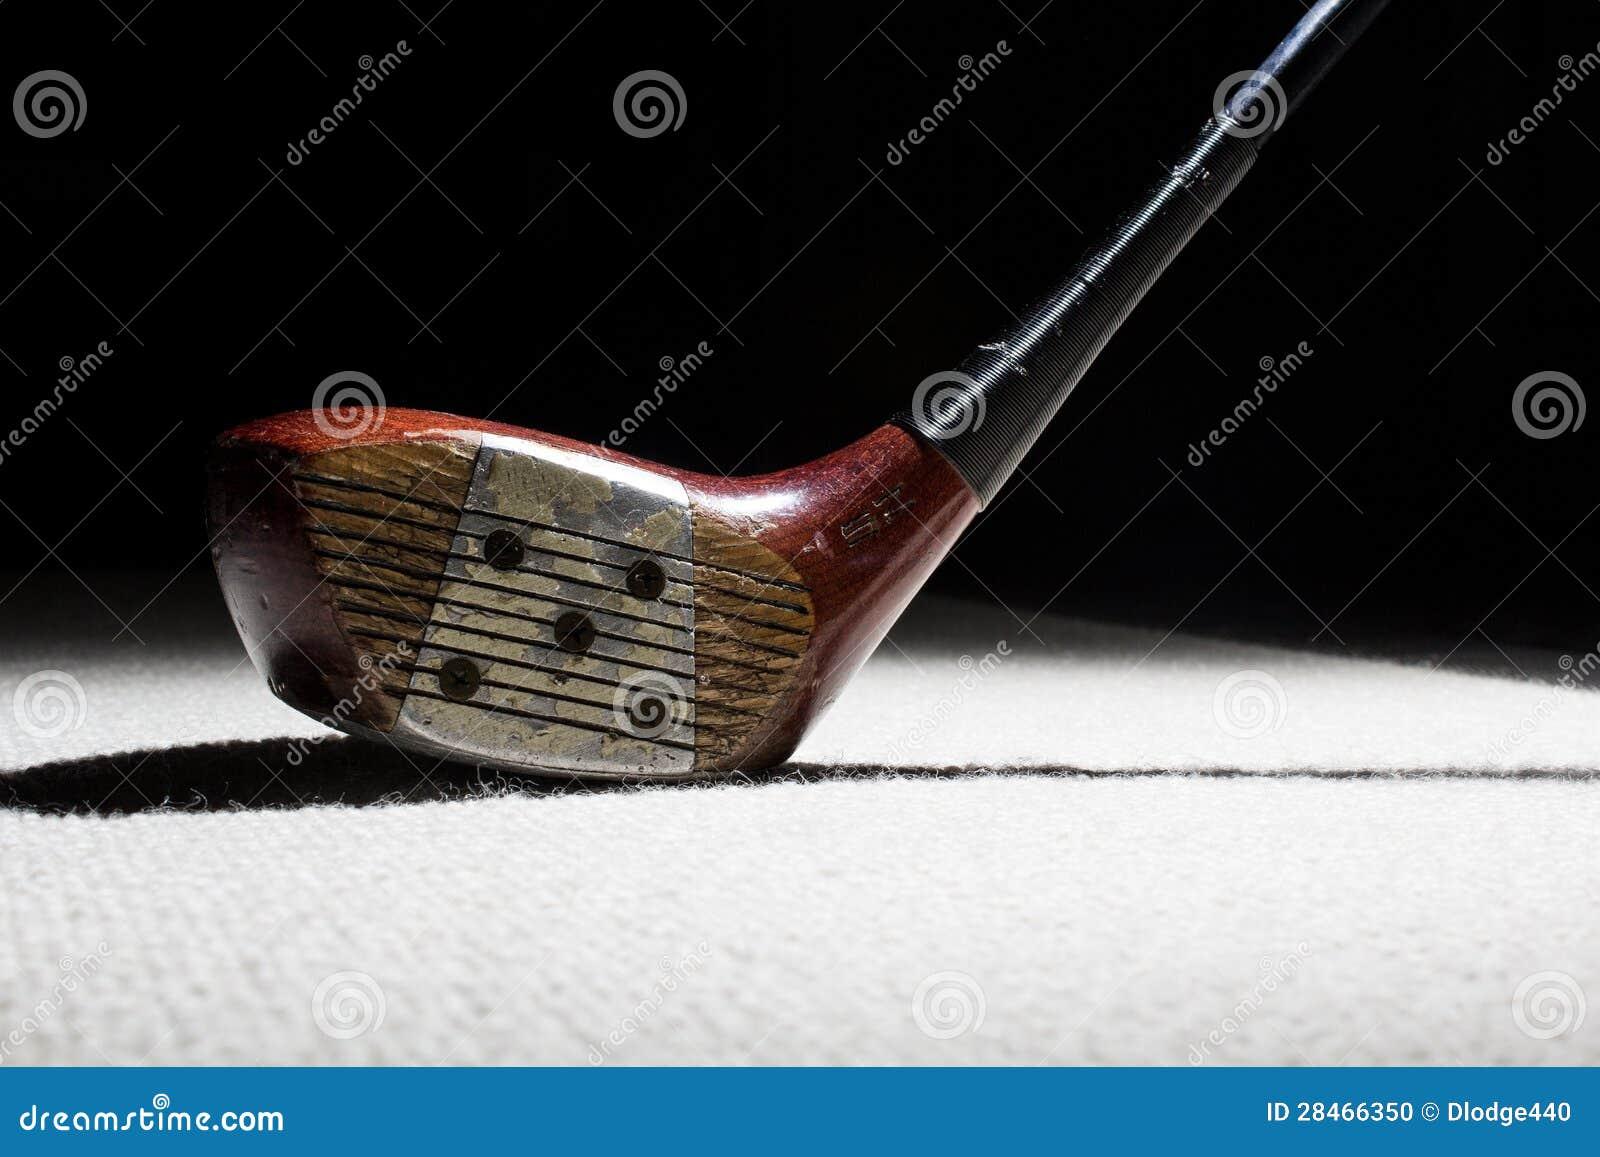 vieux club de golf en bois photo stock image 28466350. Black Bedroom Furniture Sets. Home Design Ideas